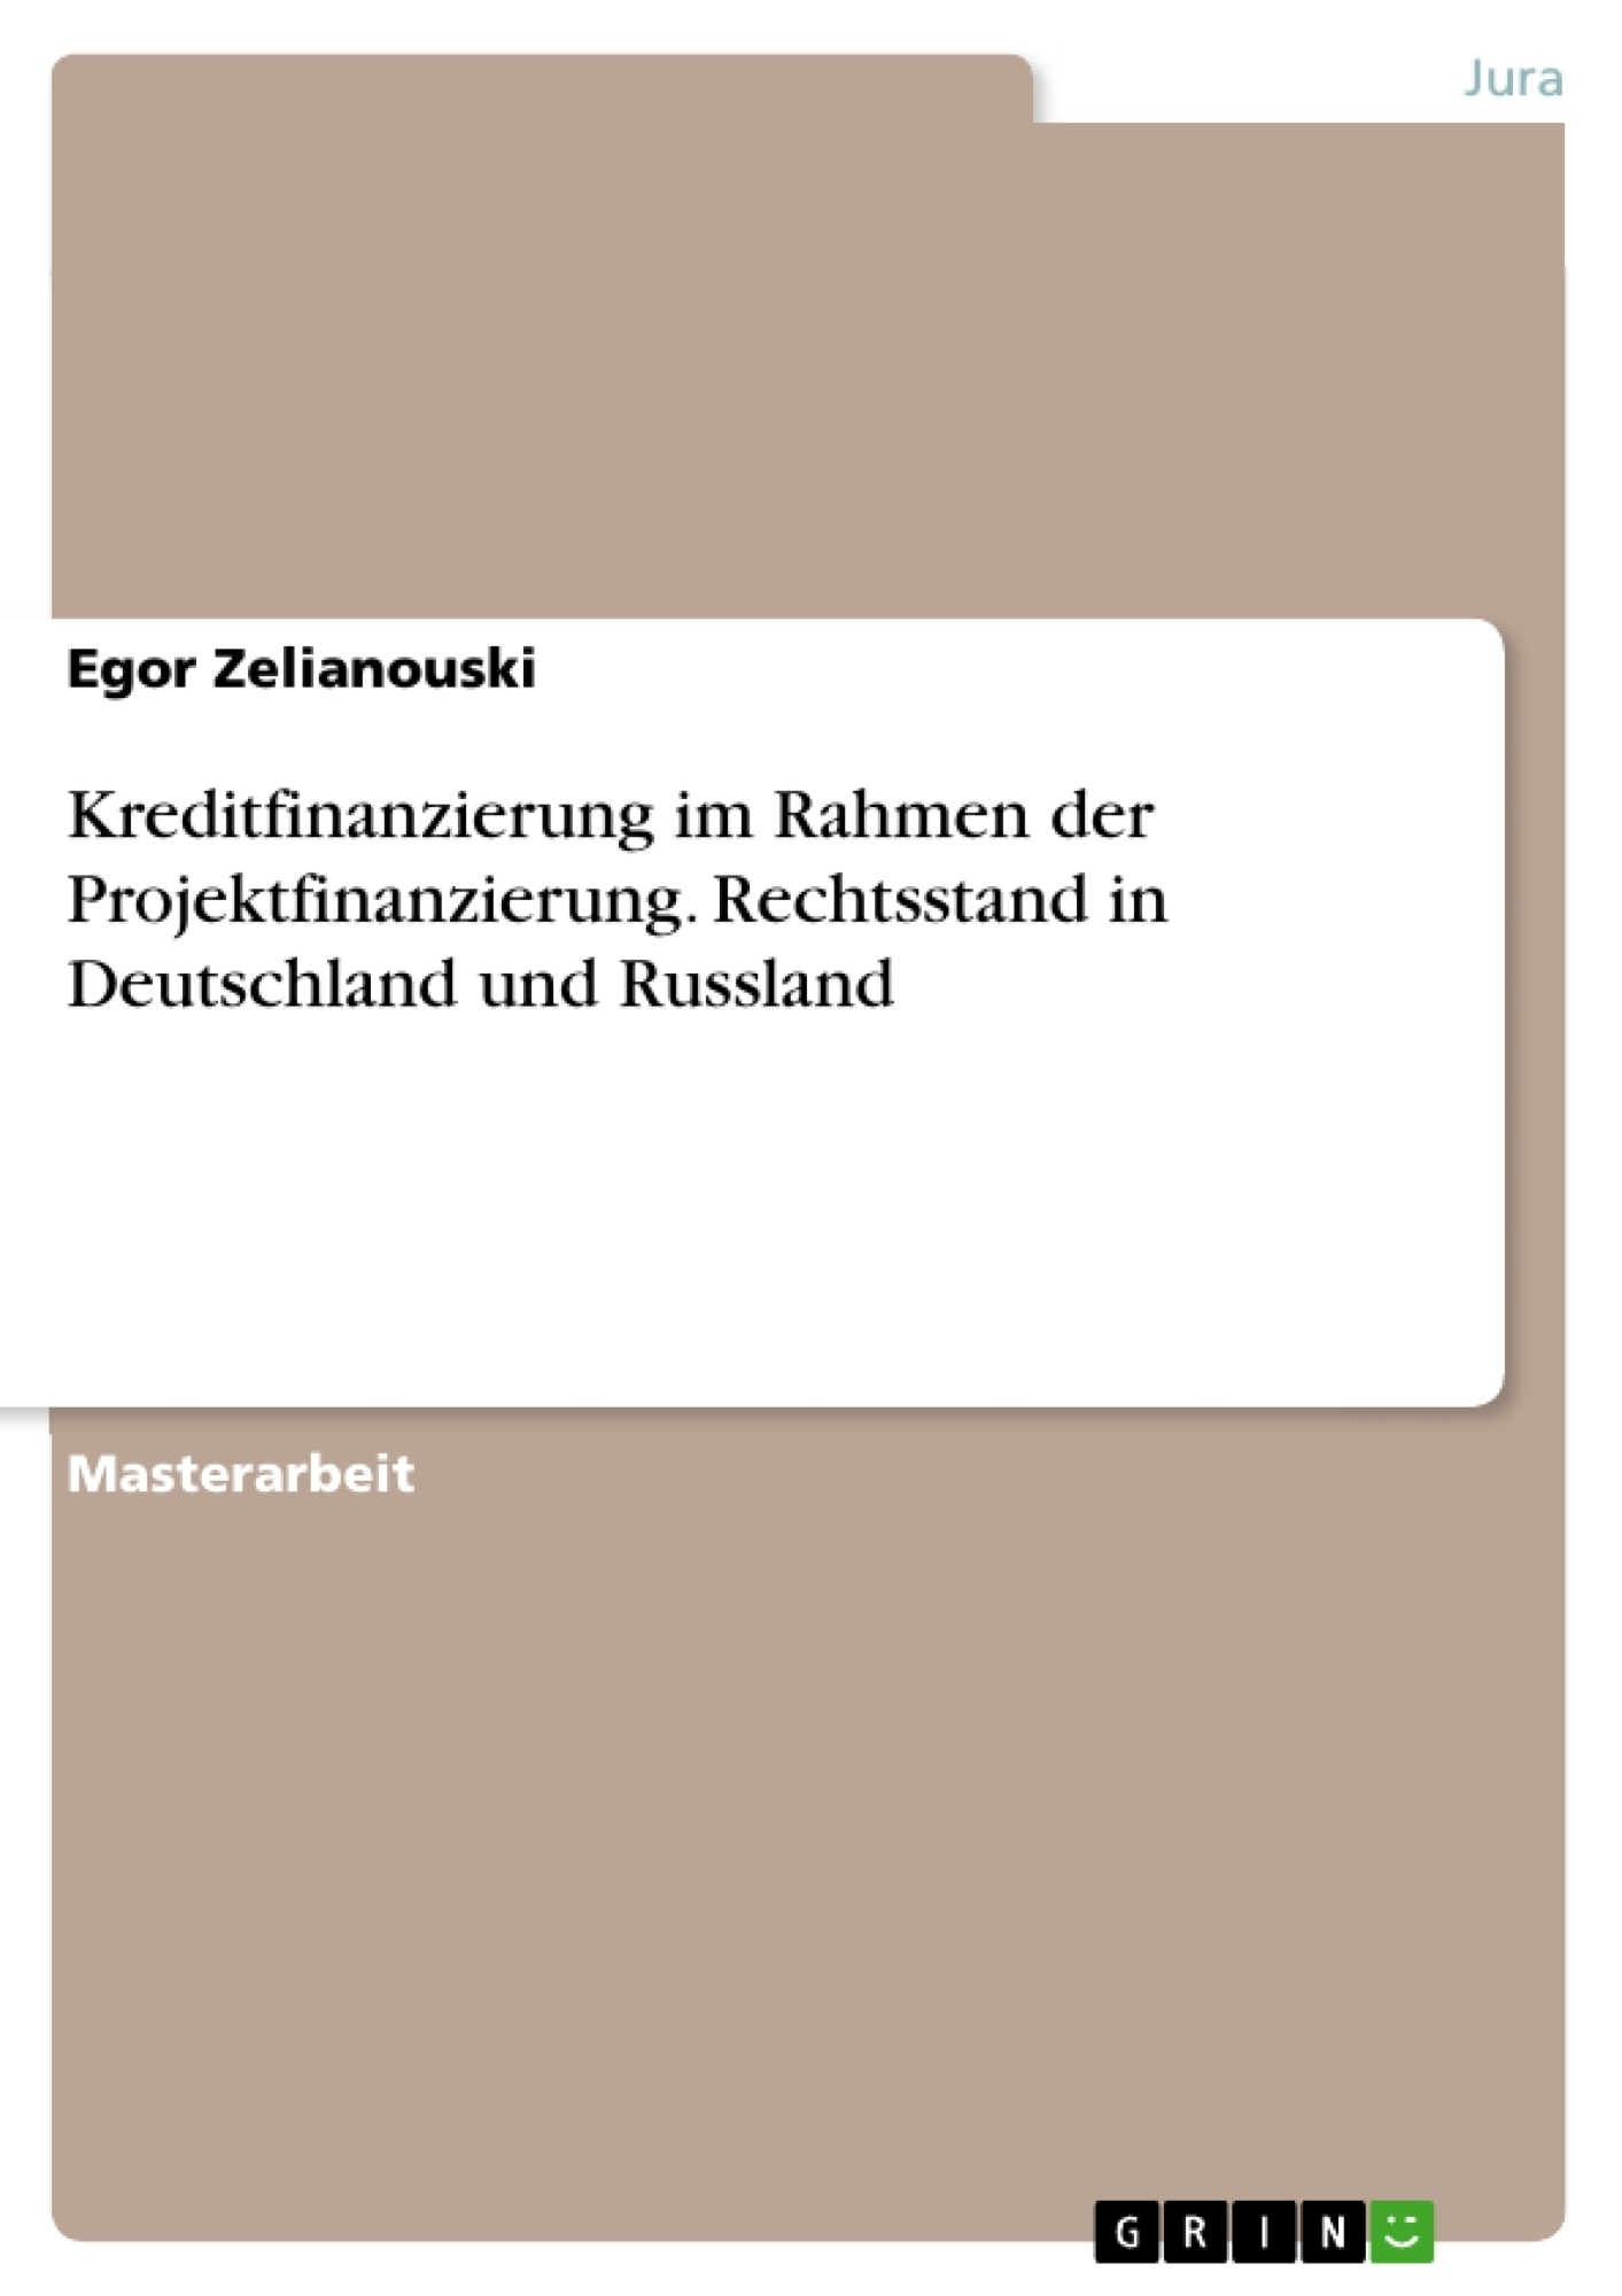 Titel: Kreditfinanzierung im Rahmen der Projektfinanzierung. Rechtsstand in Deutschland und Russland